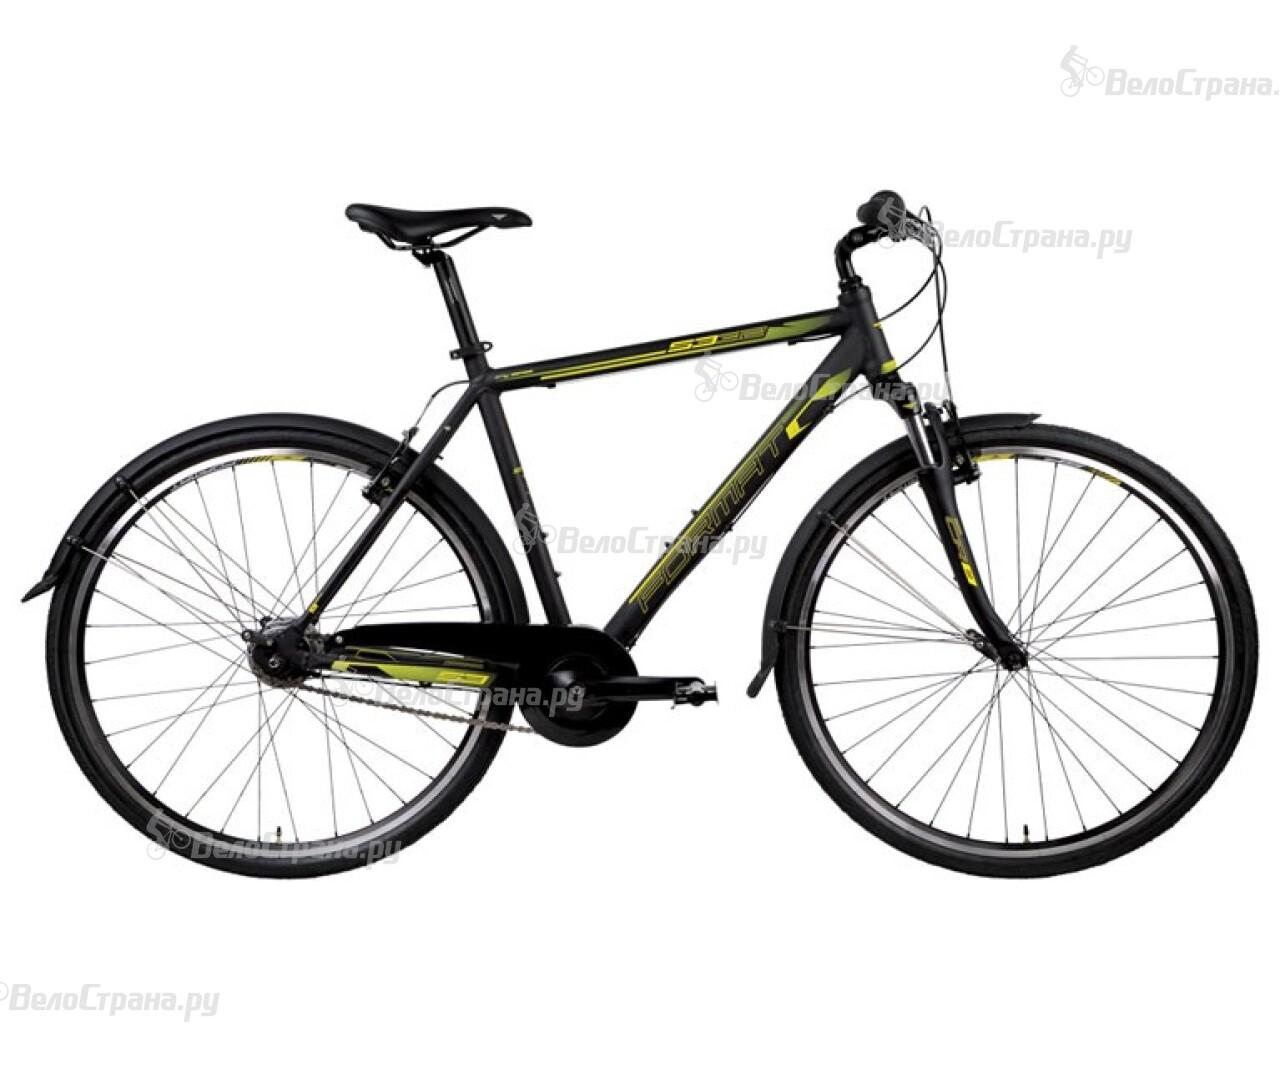 Велосипед Format 5332 (2014) велосипед format 1212 2014